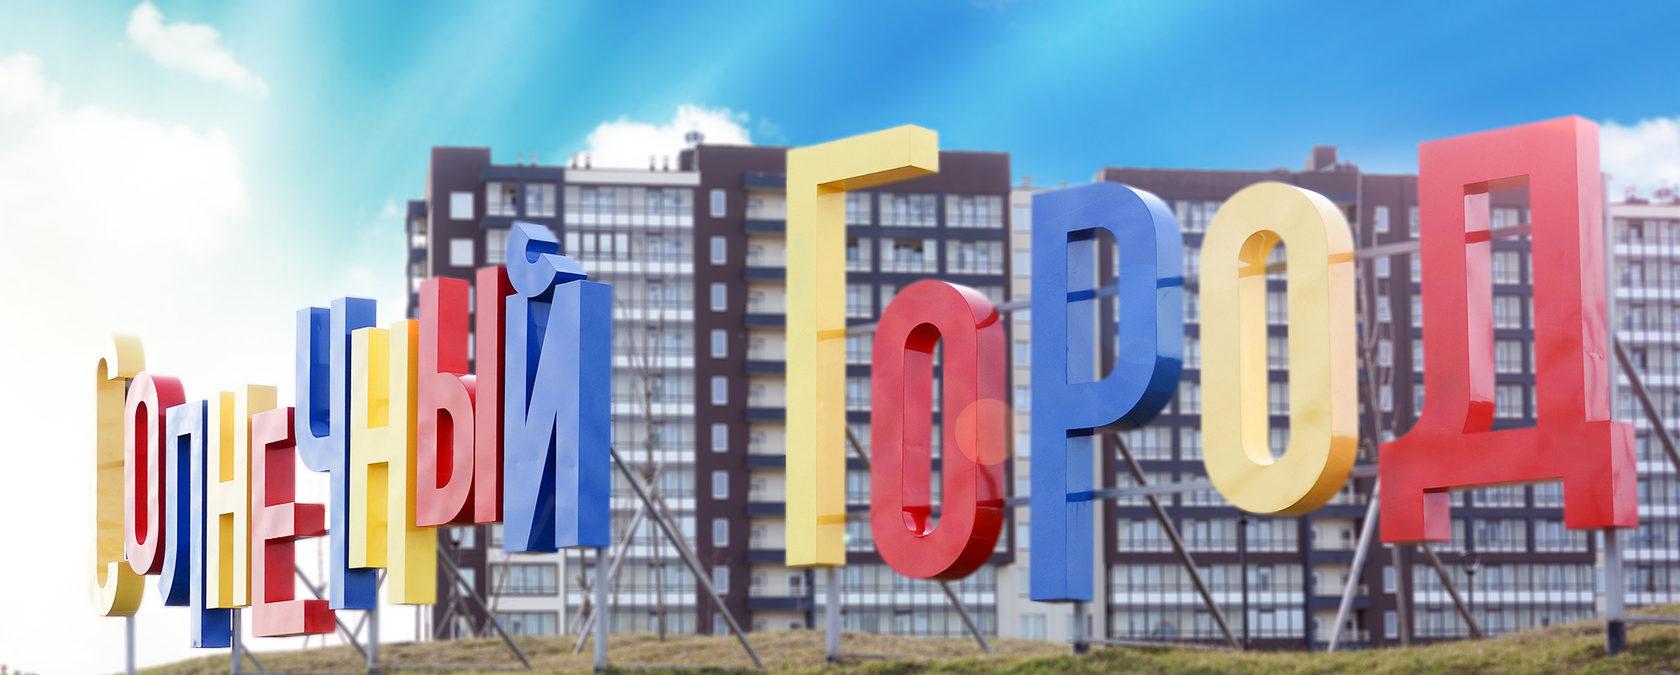 Солнечный город, ЖК Солнечный город, Петербургская Недвижимость»,  Setl City , квартал  комфорт-класса, квартал Солнечный город, площадь Солнца